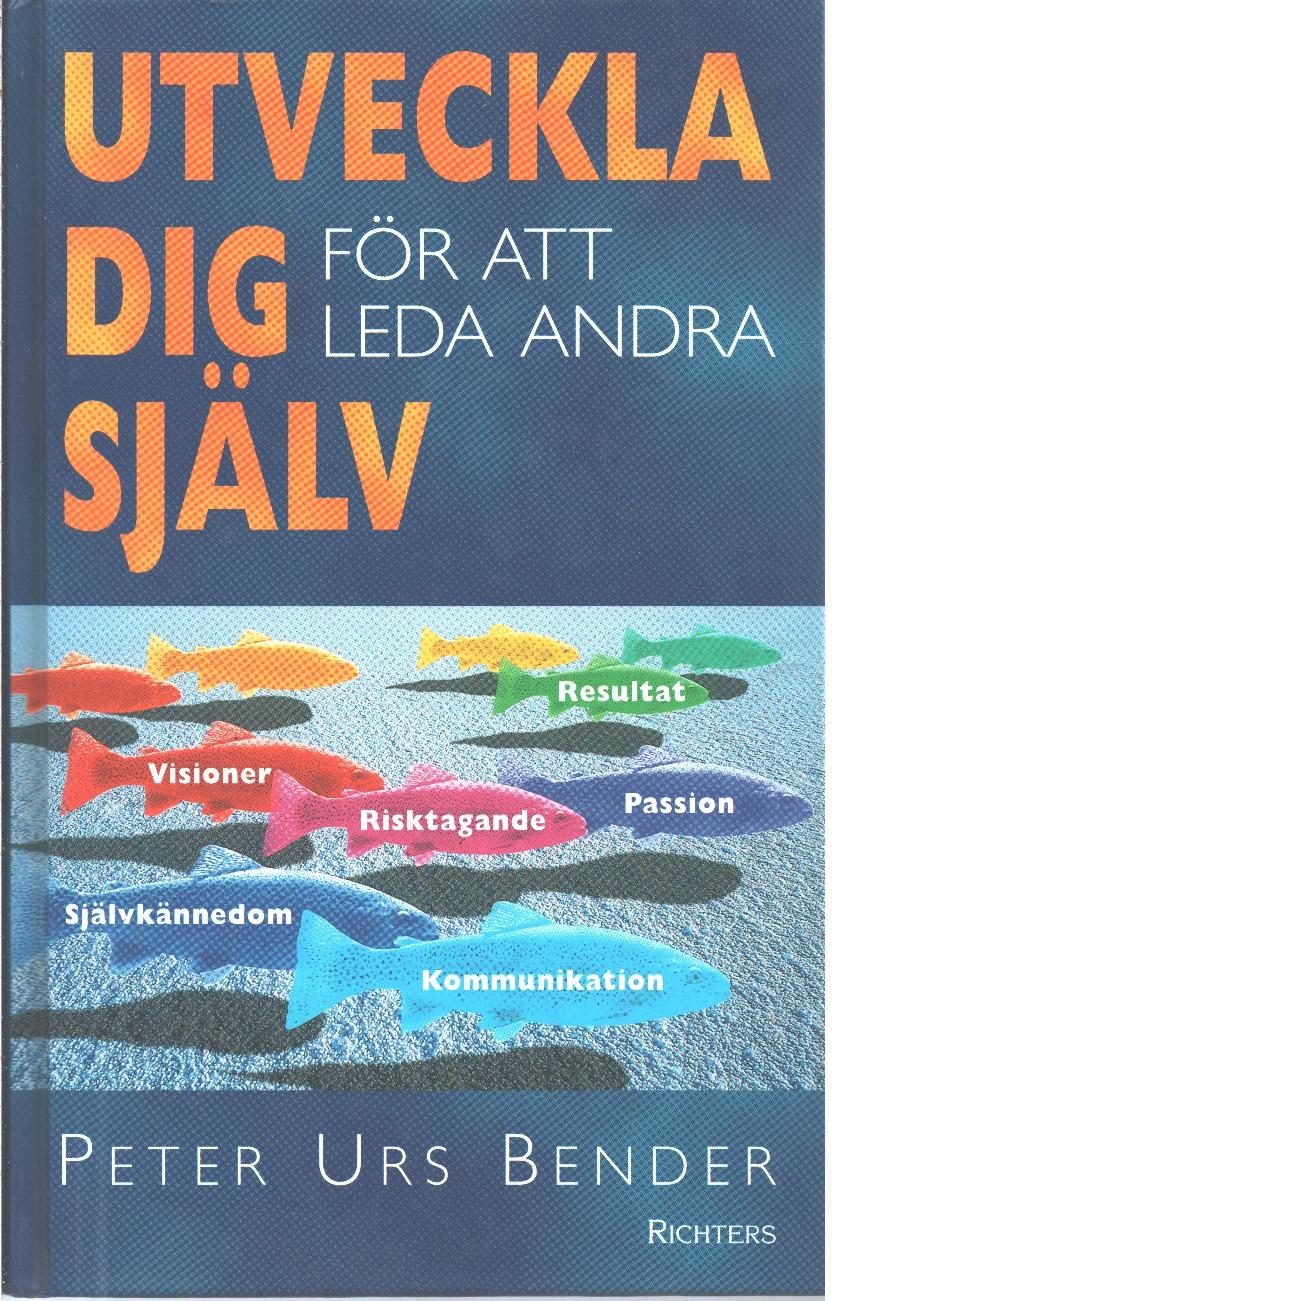 Utveckla dig själv för att leda andra  - Bender, Peter Urs och Hellman, Eric